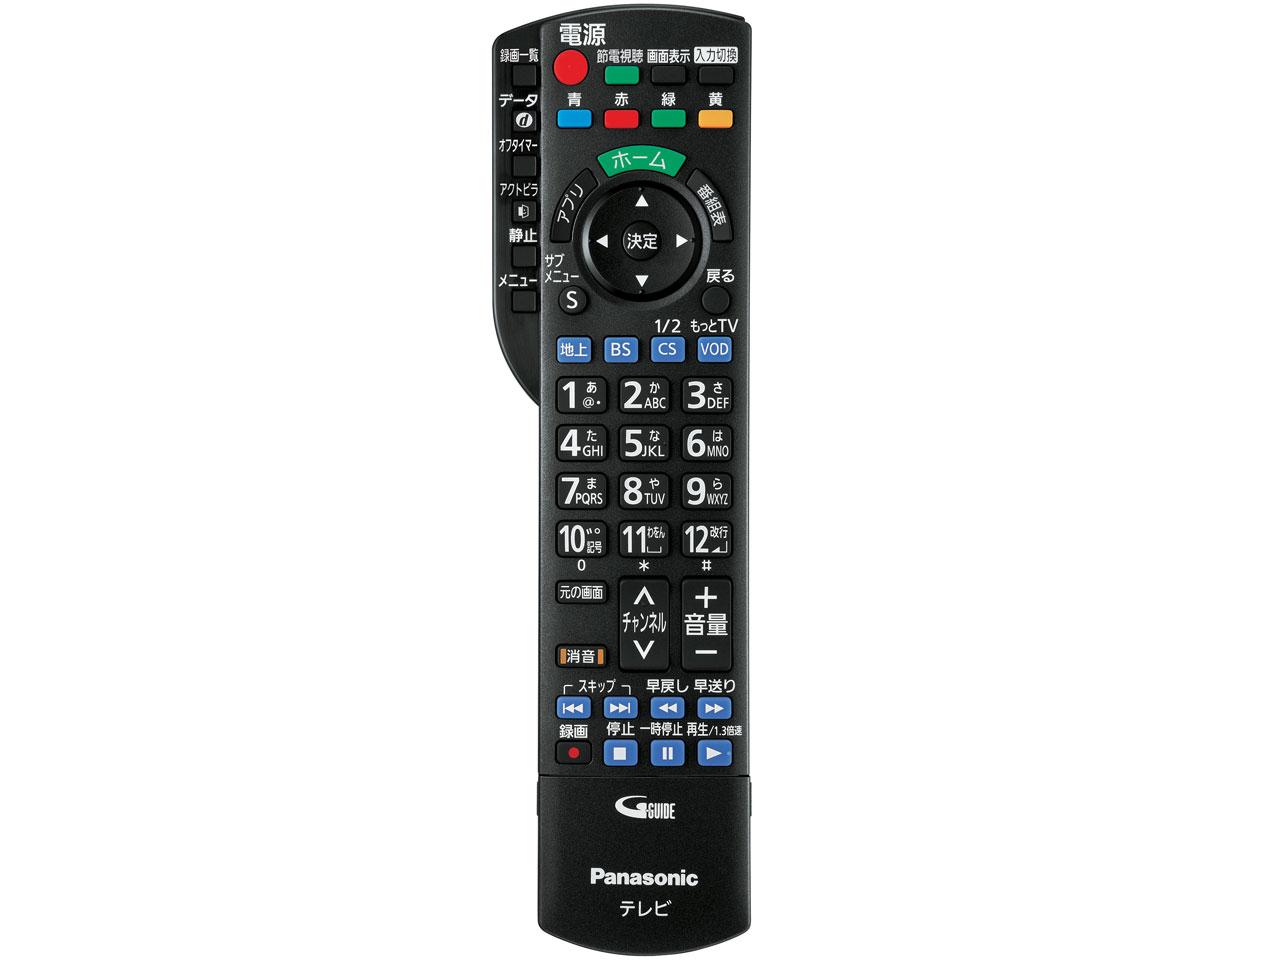 『リモコン』 スマートビエラ TH-P55GT60 [55インチ] の製品画像